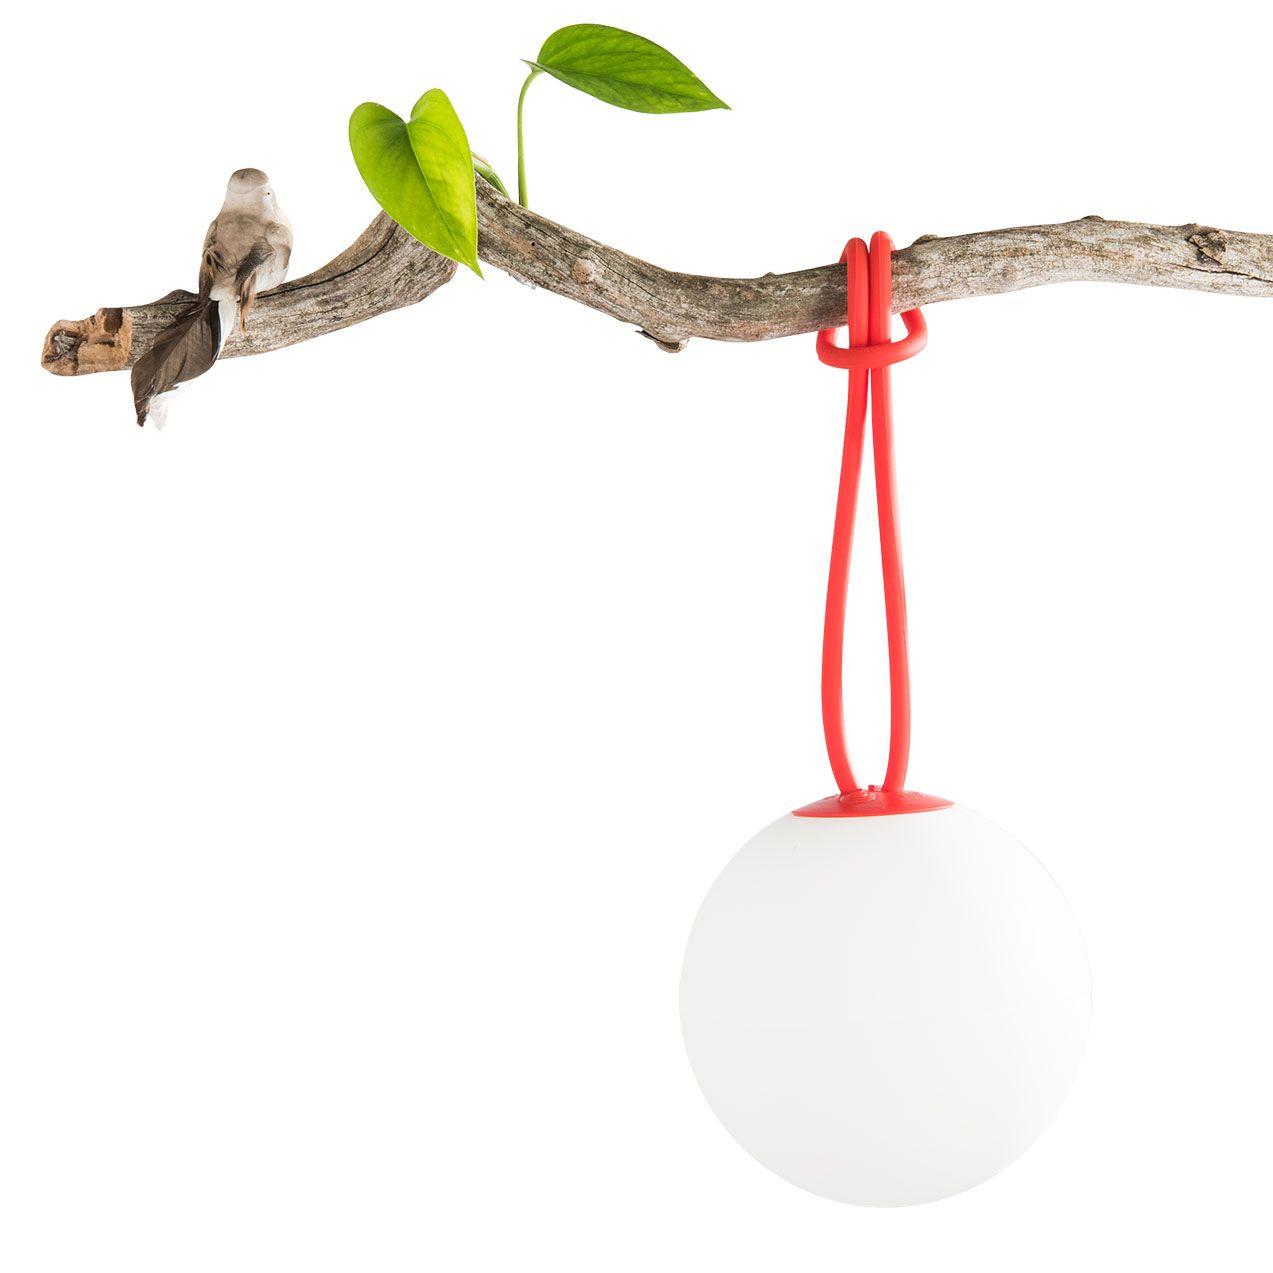 Decouvrez La Suspension Sans Fil A Suspendre Bolleke De La Marque Fatboy Facile A Accrocher En Exterieur A Un Arbre Ou Lampe Boule Lumineuse Luminaire Design